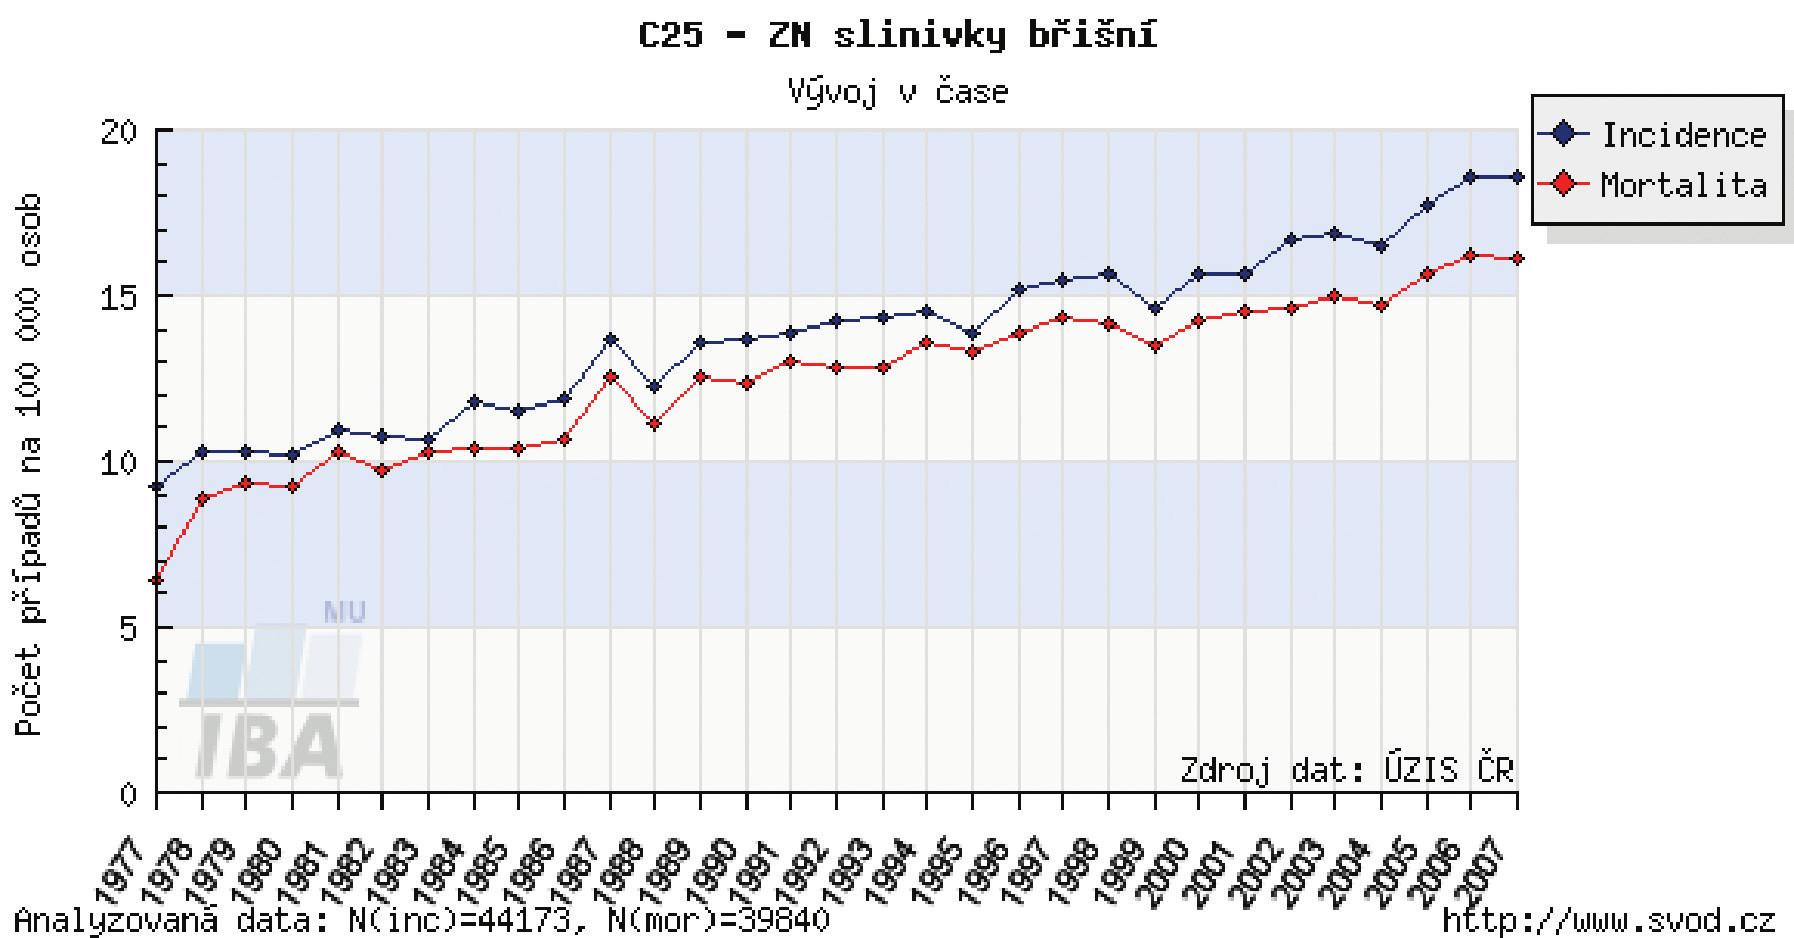 Incidence karcinomu pankreatu (dle údajů NOR ČR z roku 2007 – www.svod.cz)